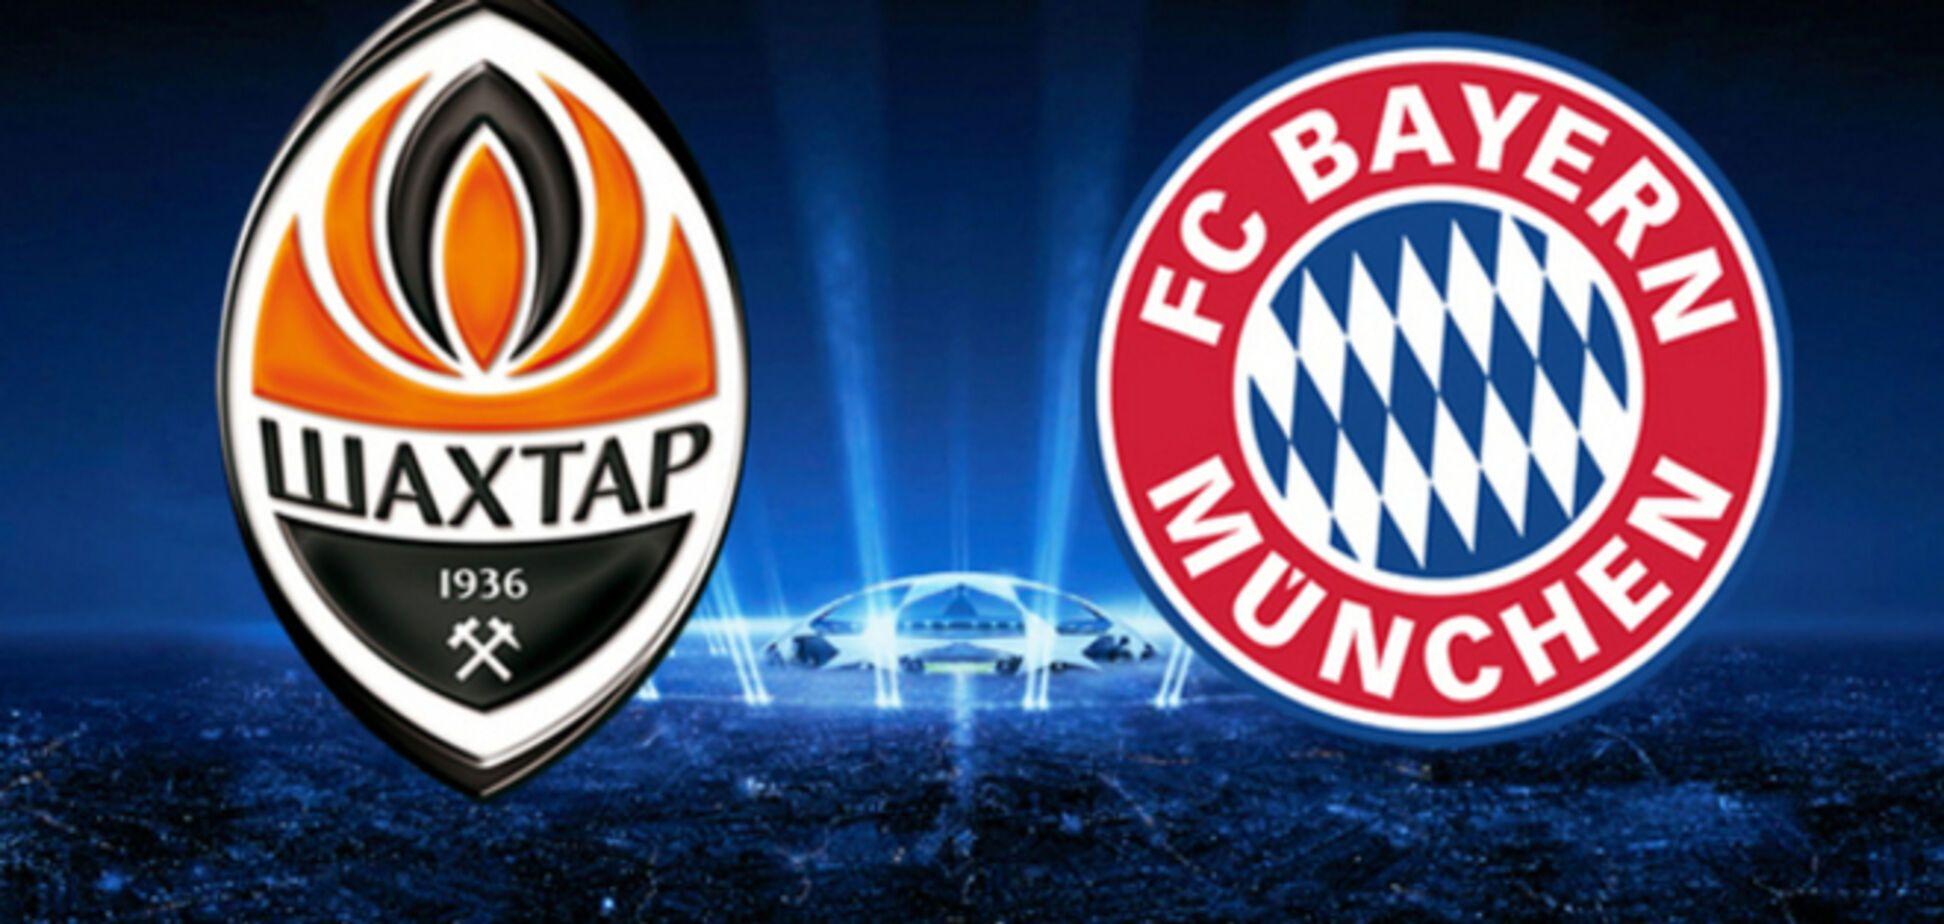 Шахтар - Баварія: онлайн трансляція матчу о 21:45